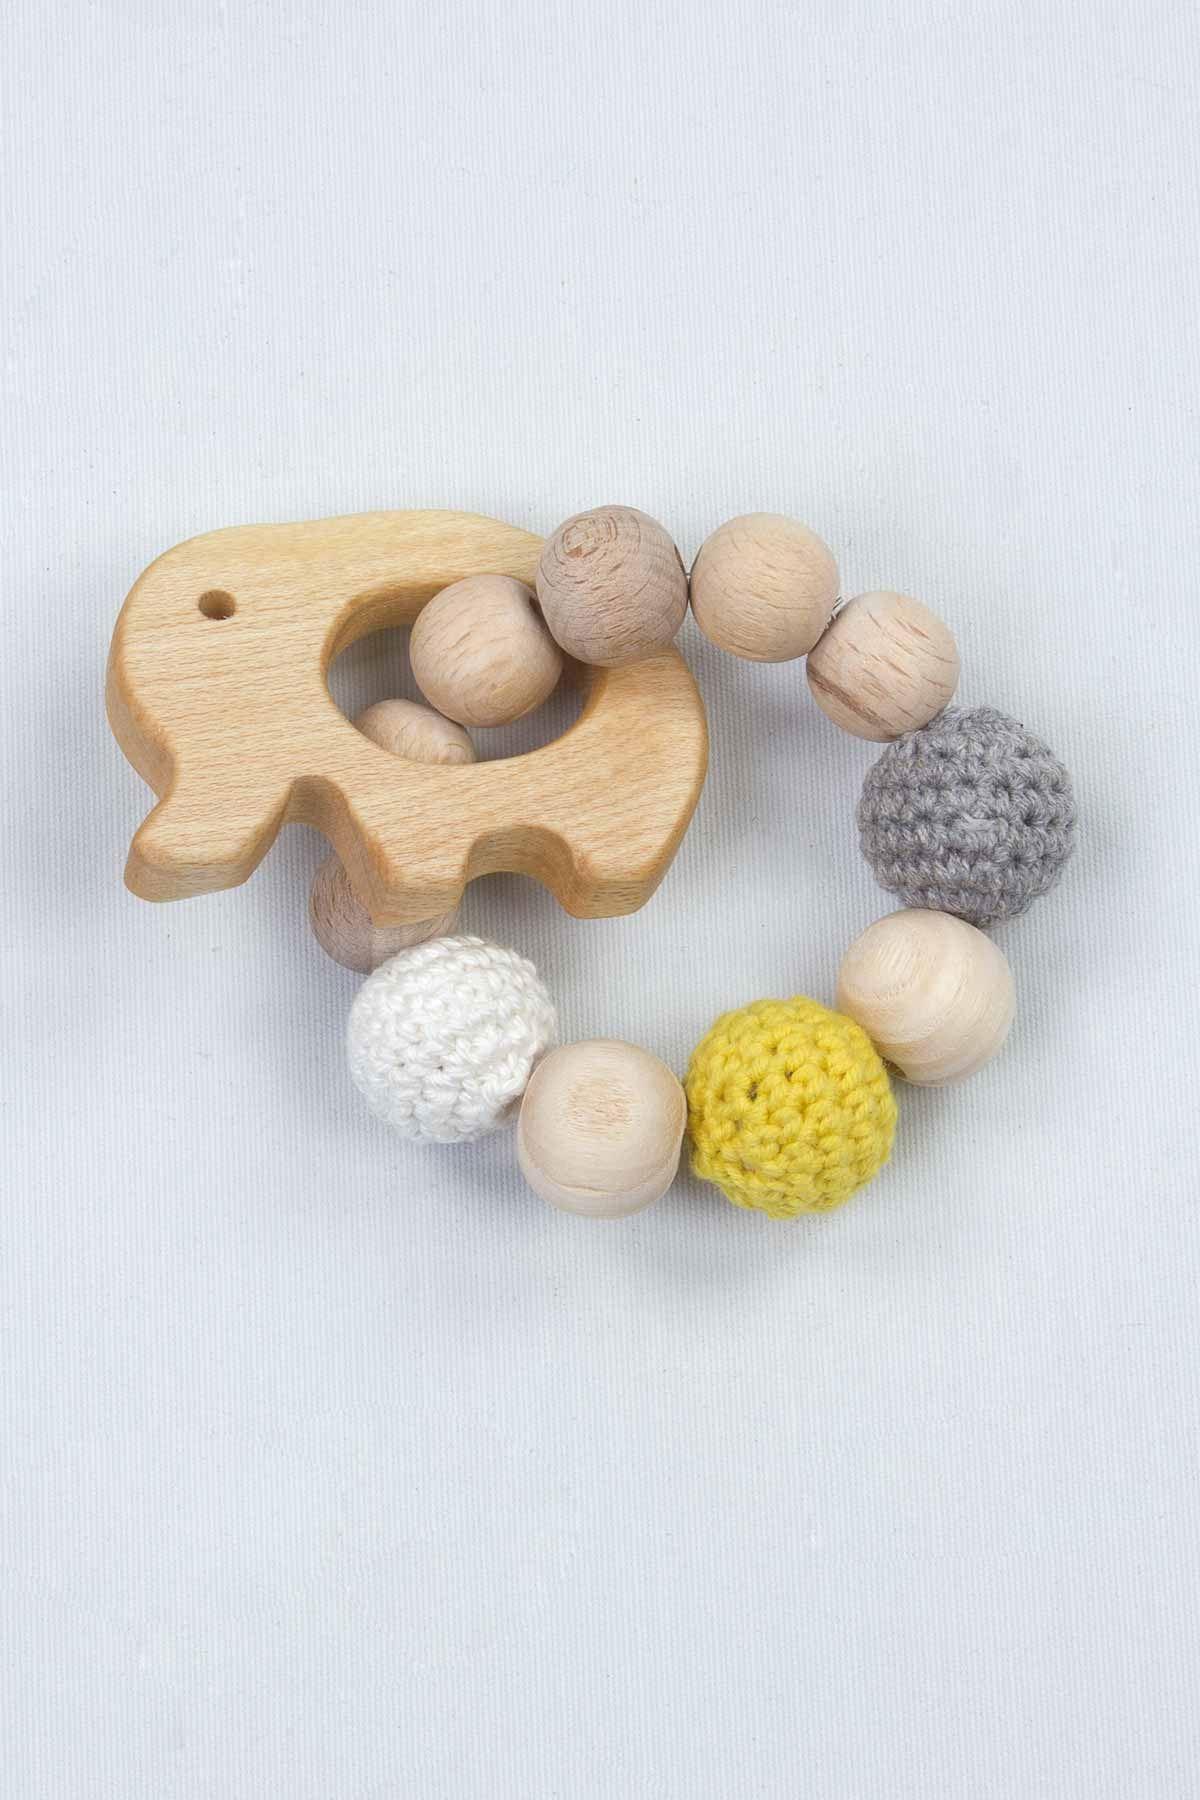 Doğal Ahşap El Örgüsü Amigurumi Bebek Diş Kaşıyıcı Oyun Halkası